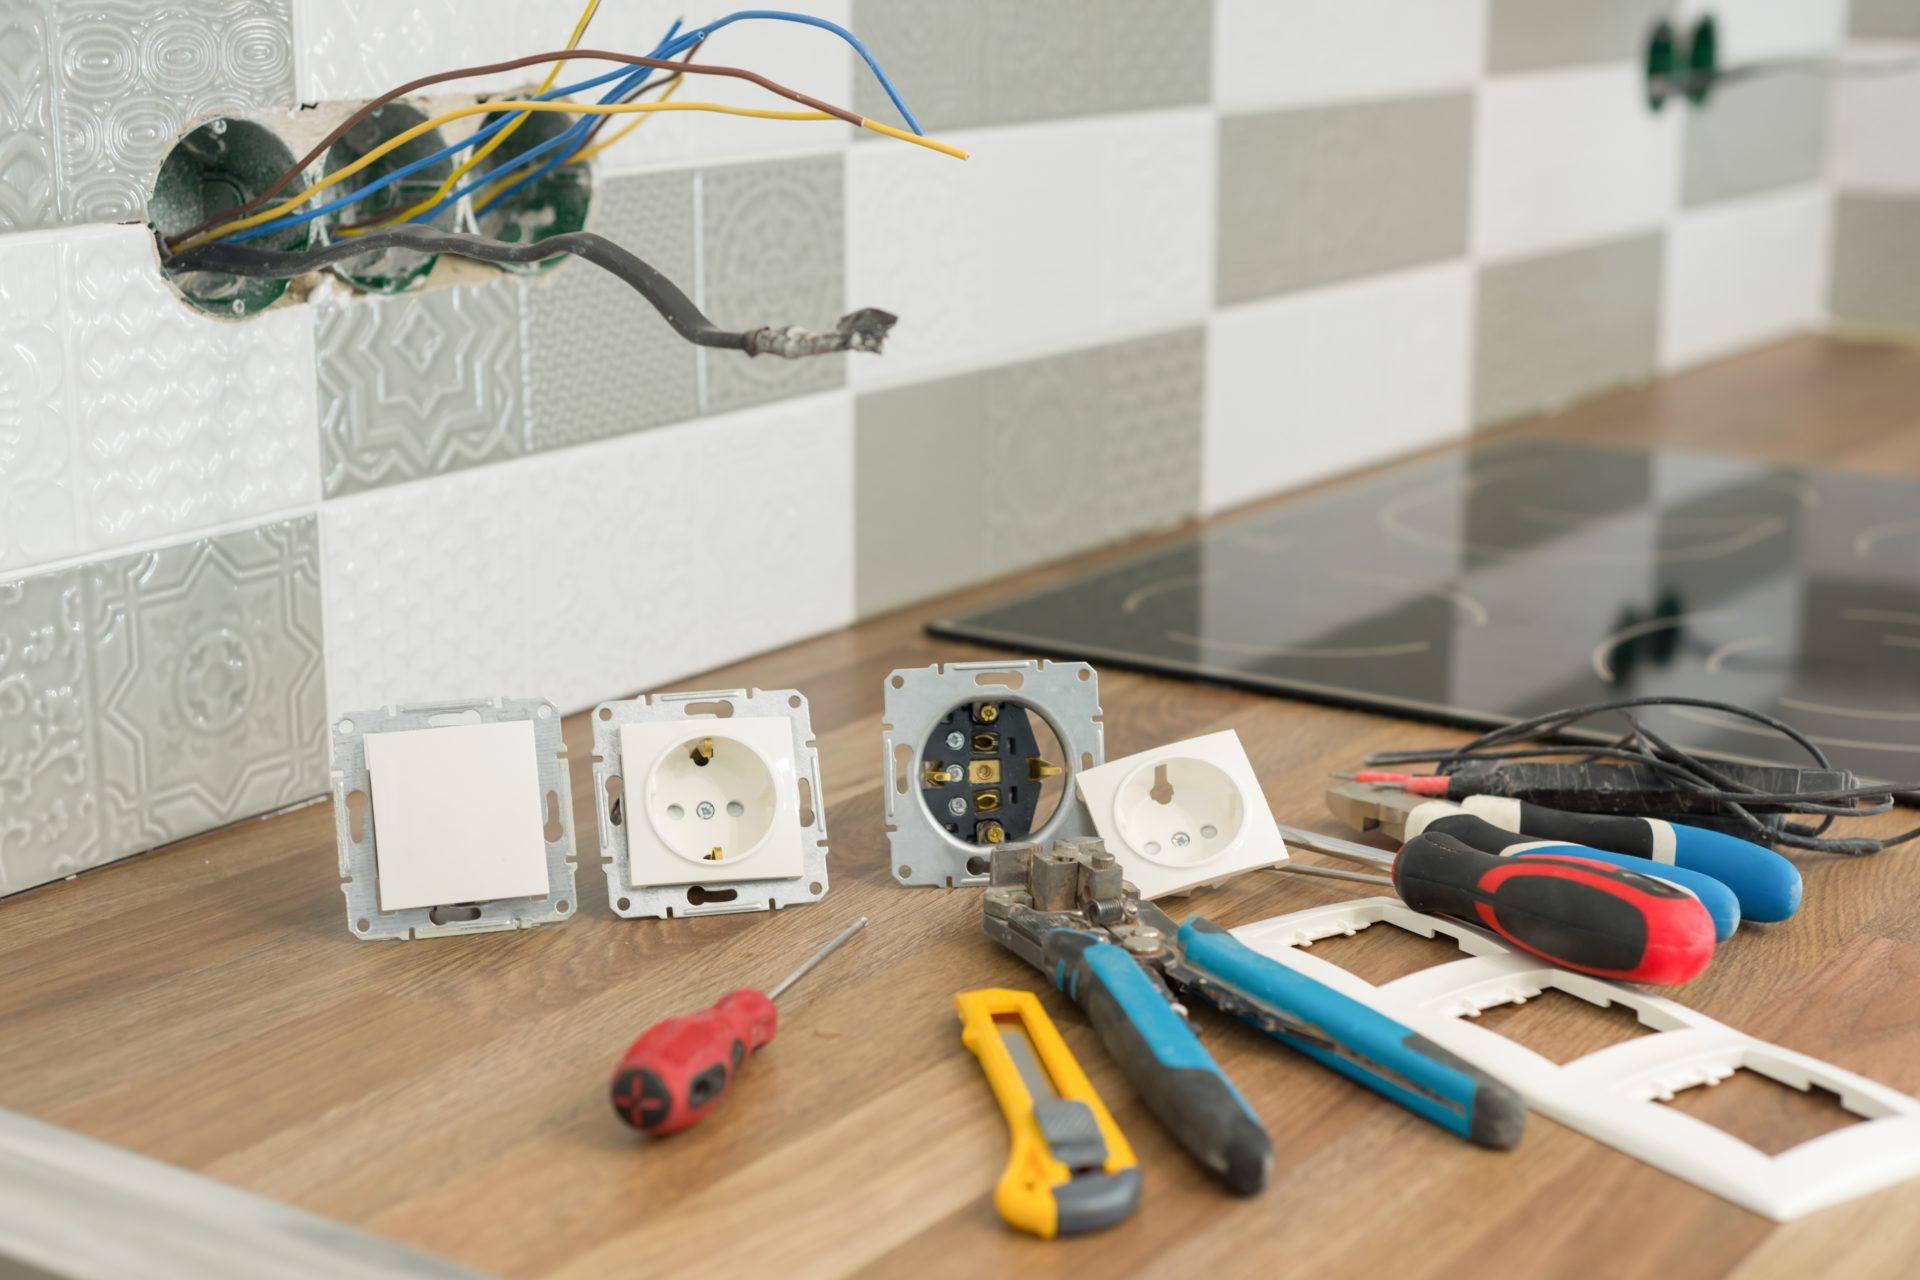 Des outils sont disposés pour réaliser des travaux de rénovation électrique dans une maison